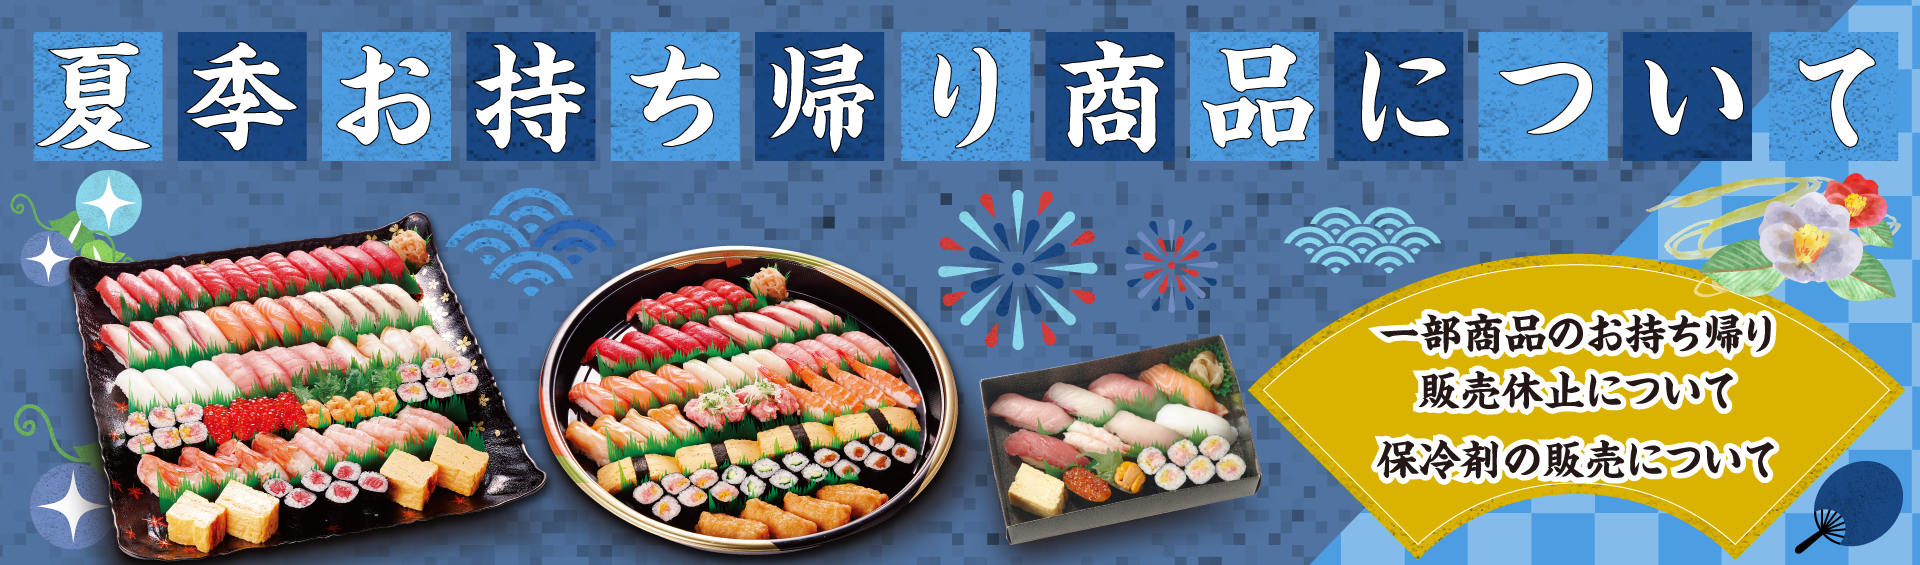 すし銚子丸 千葉・東京・埼玉・神奈川のお寿司屋さん